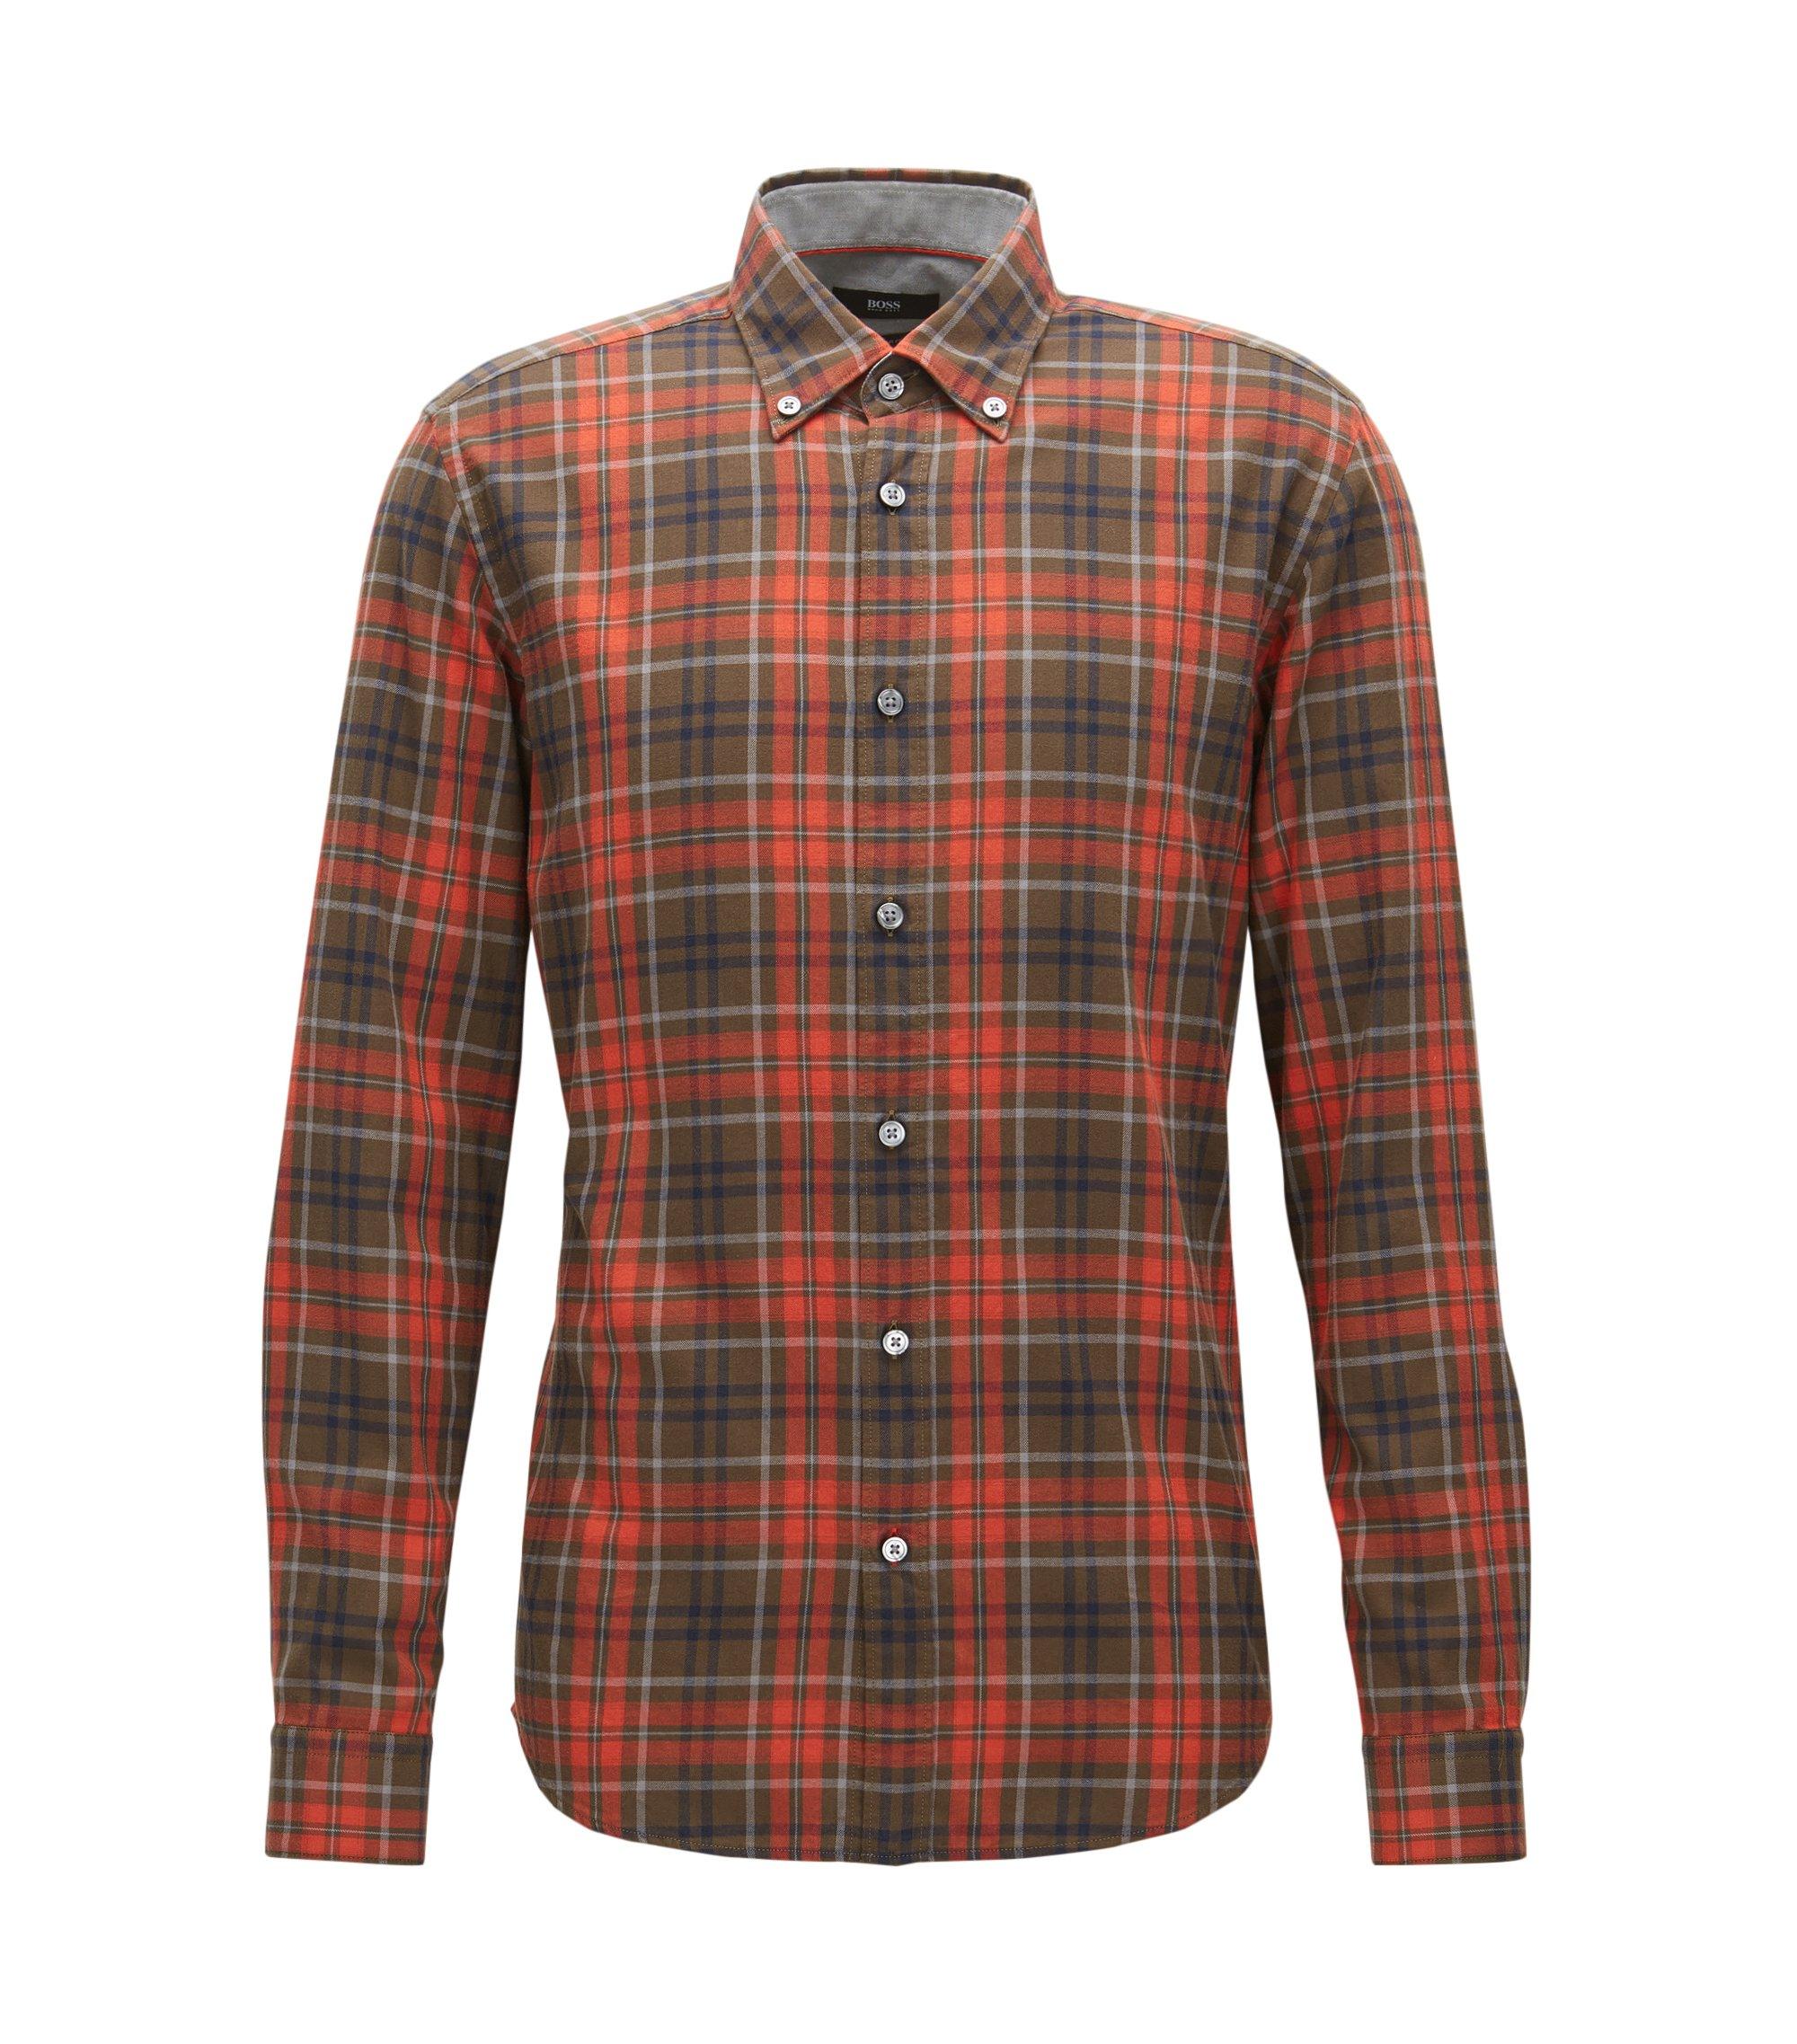 Plaid Cotton Button Down Shirt, Regular Fit | Lod, Dark Orange